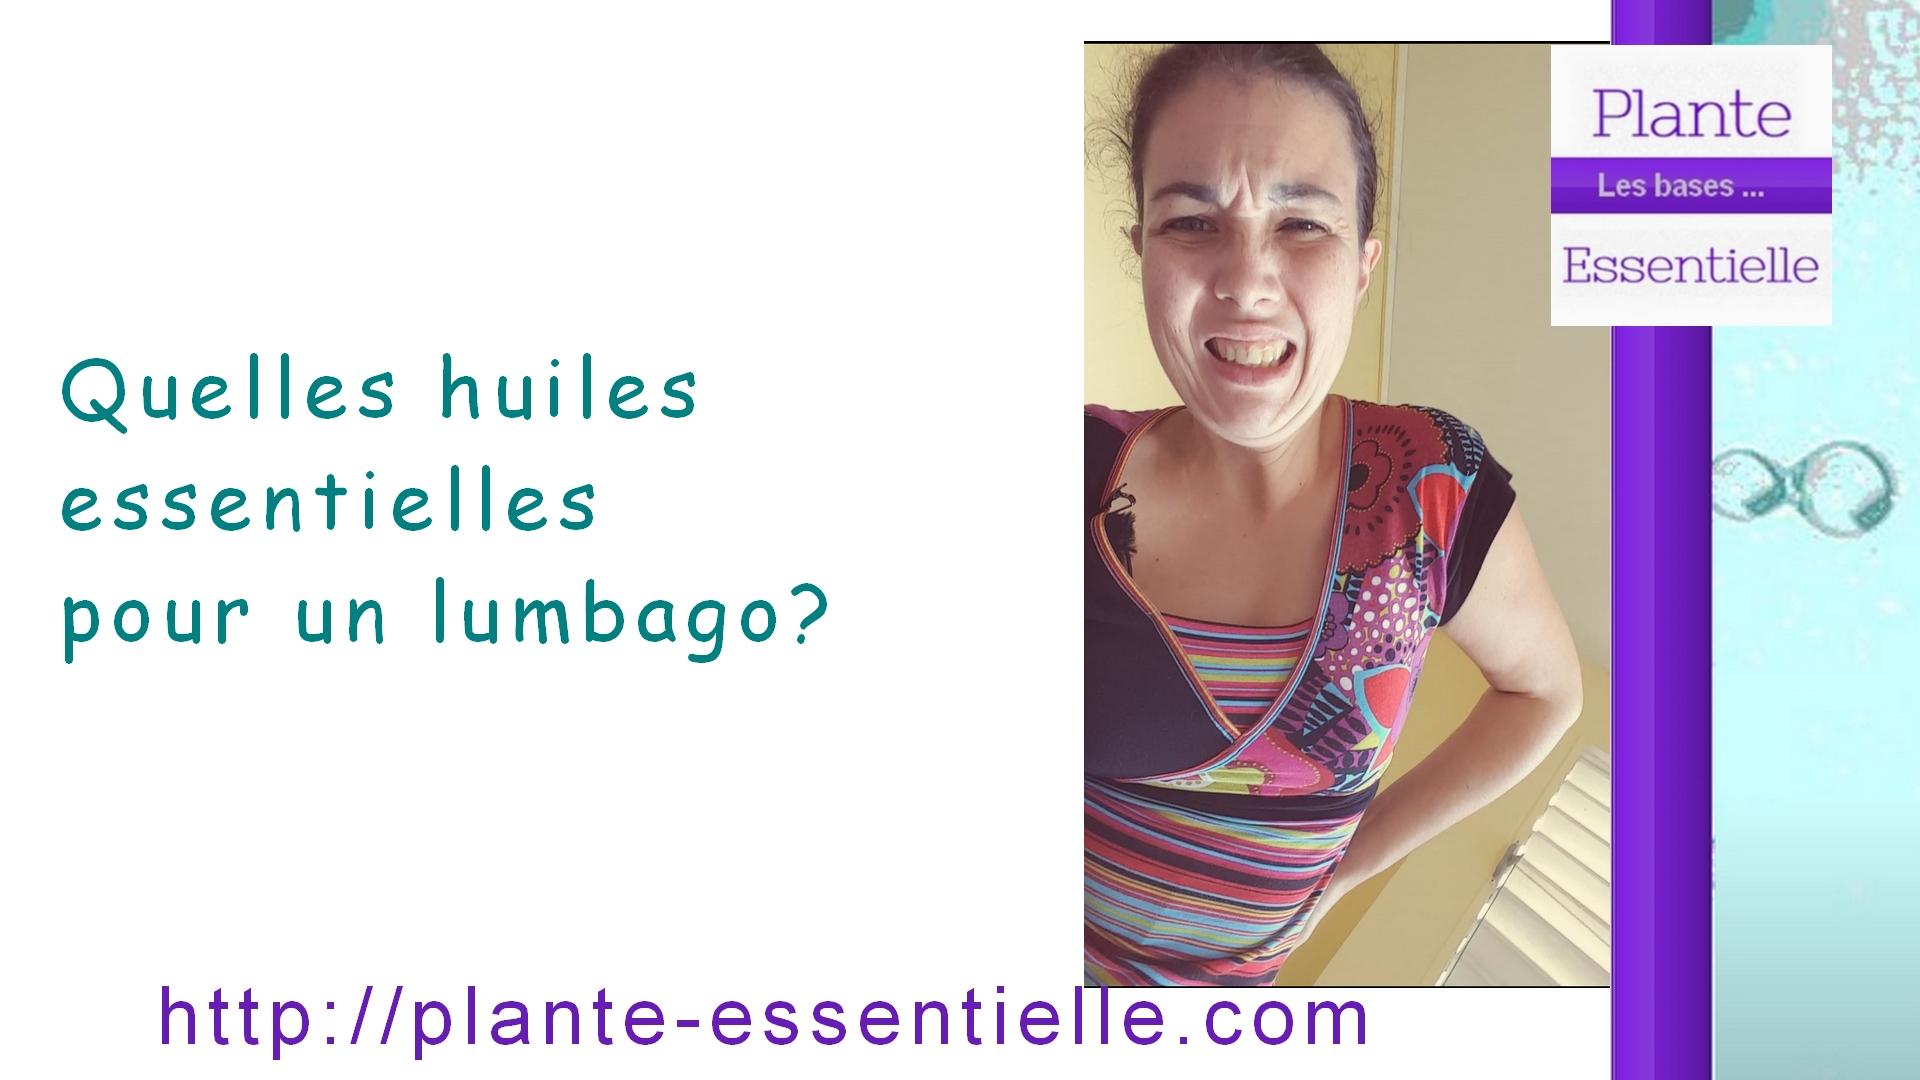 Quelle huile essentielle pour un lumbago ?